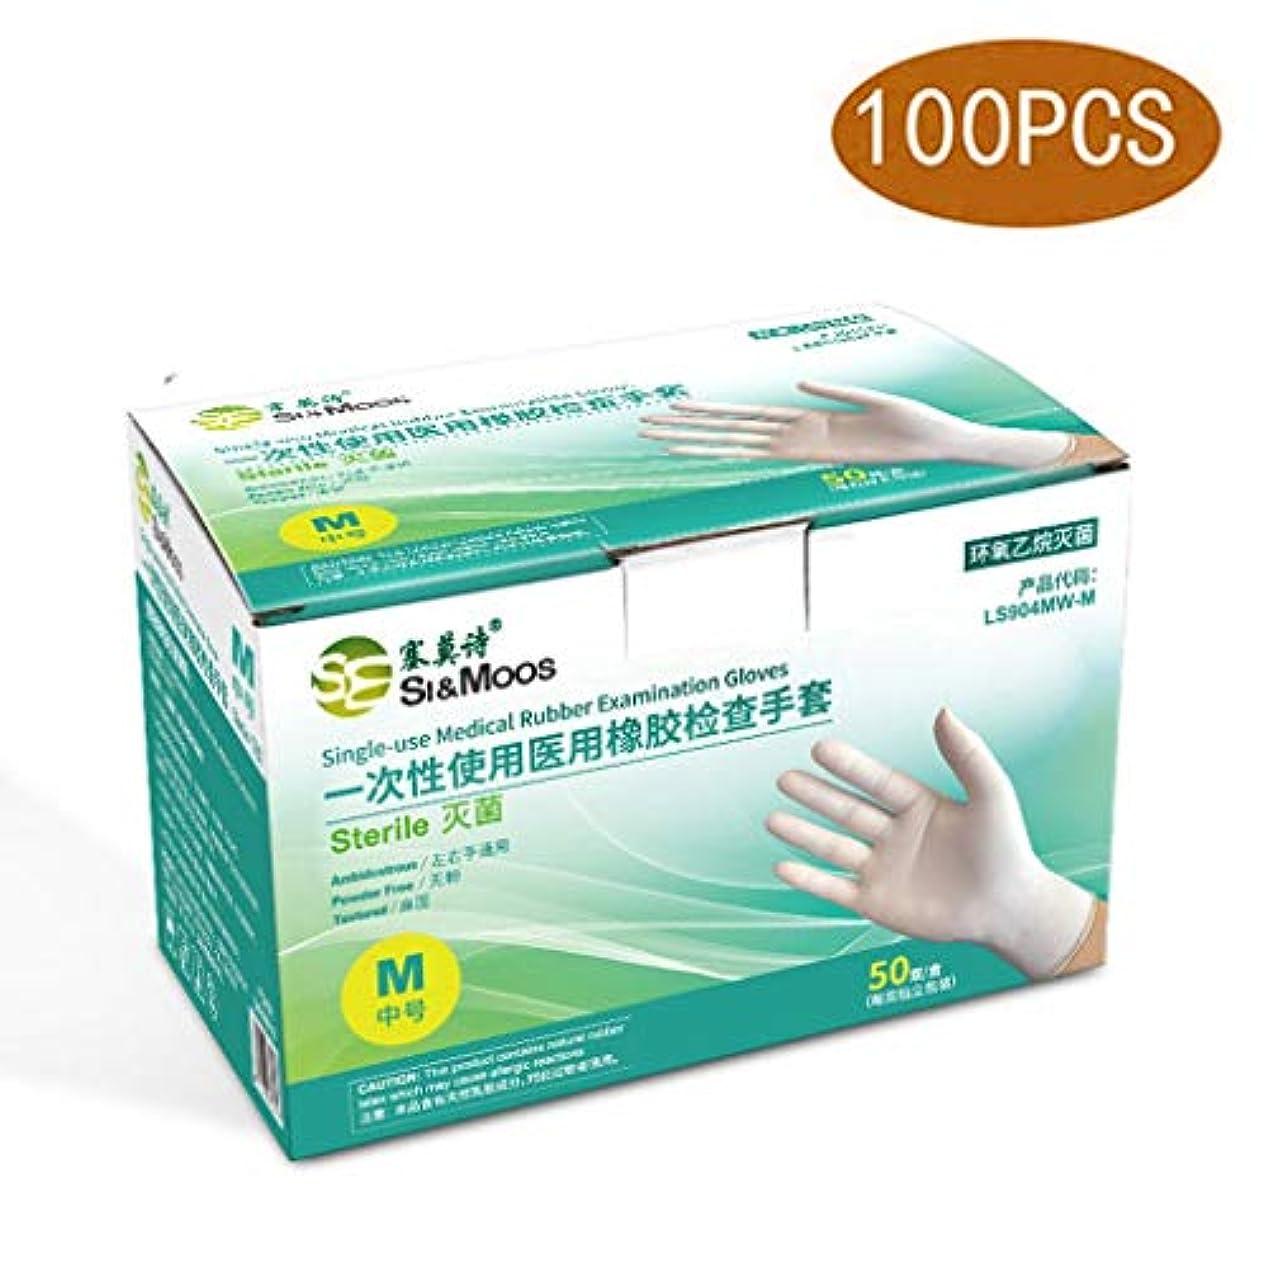 嘆くロケーション吸収する無菌ラテックス美容防水ゴムケータリングベーキング環境保護実験義務試験手袋|病院向けのプロフェッショナルグレード (Size : XS)